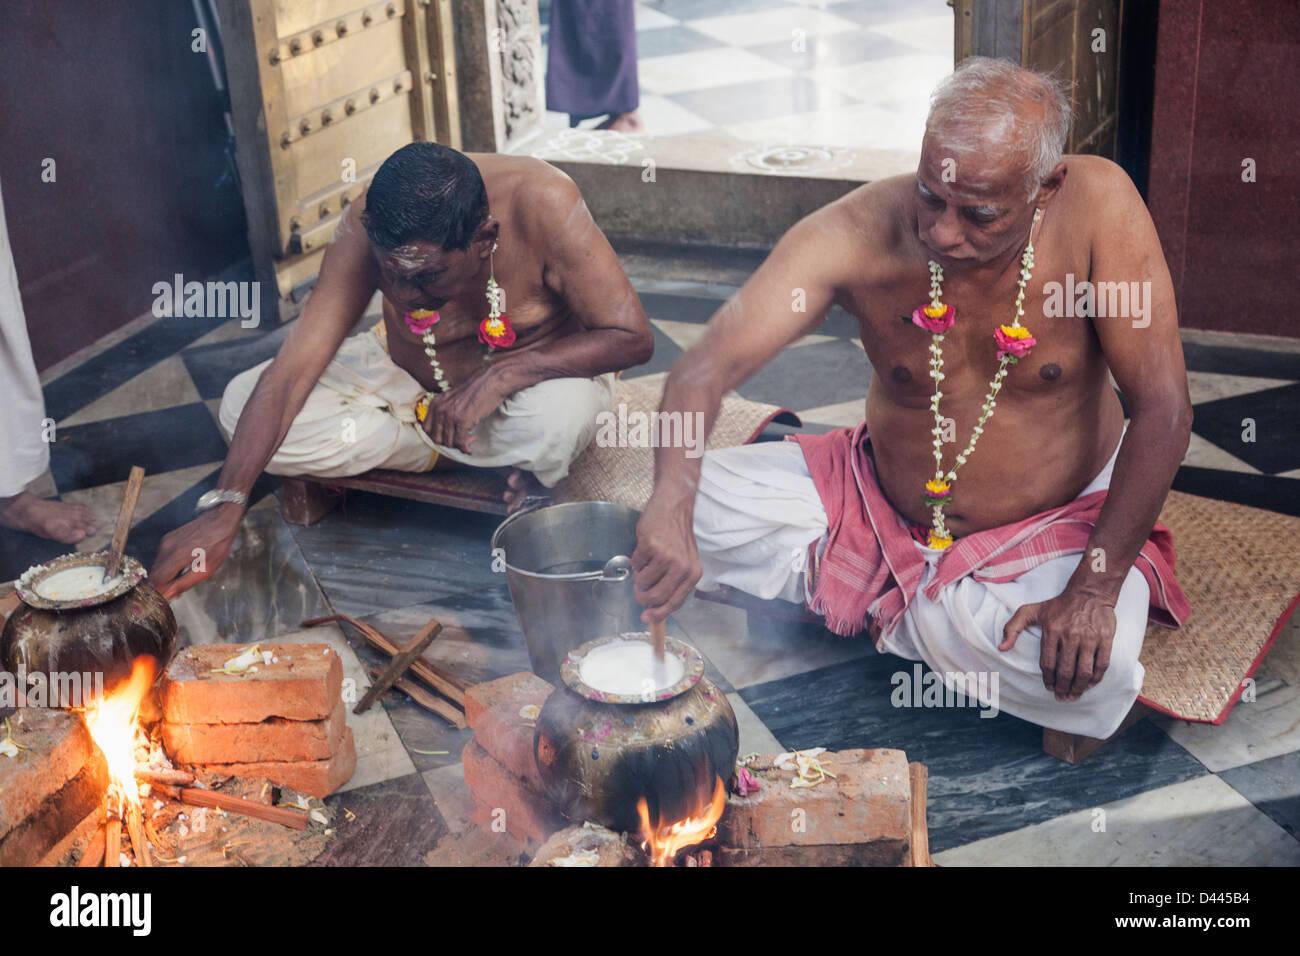 Myanmar, Yangon, Shri Kali Hindu Temple, Priests Boiling Rice During Pongol Festival - Stock Image